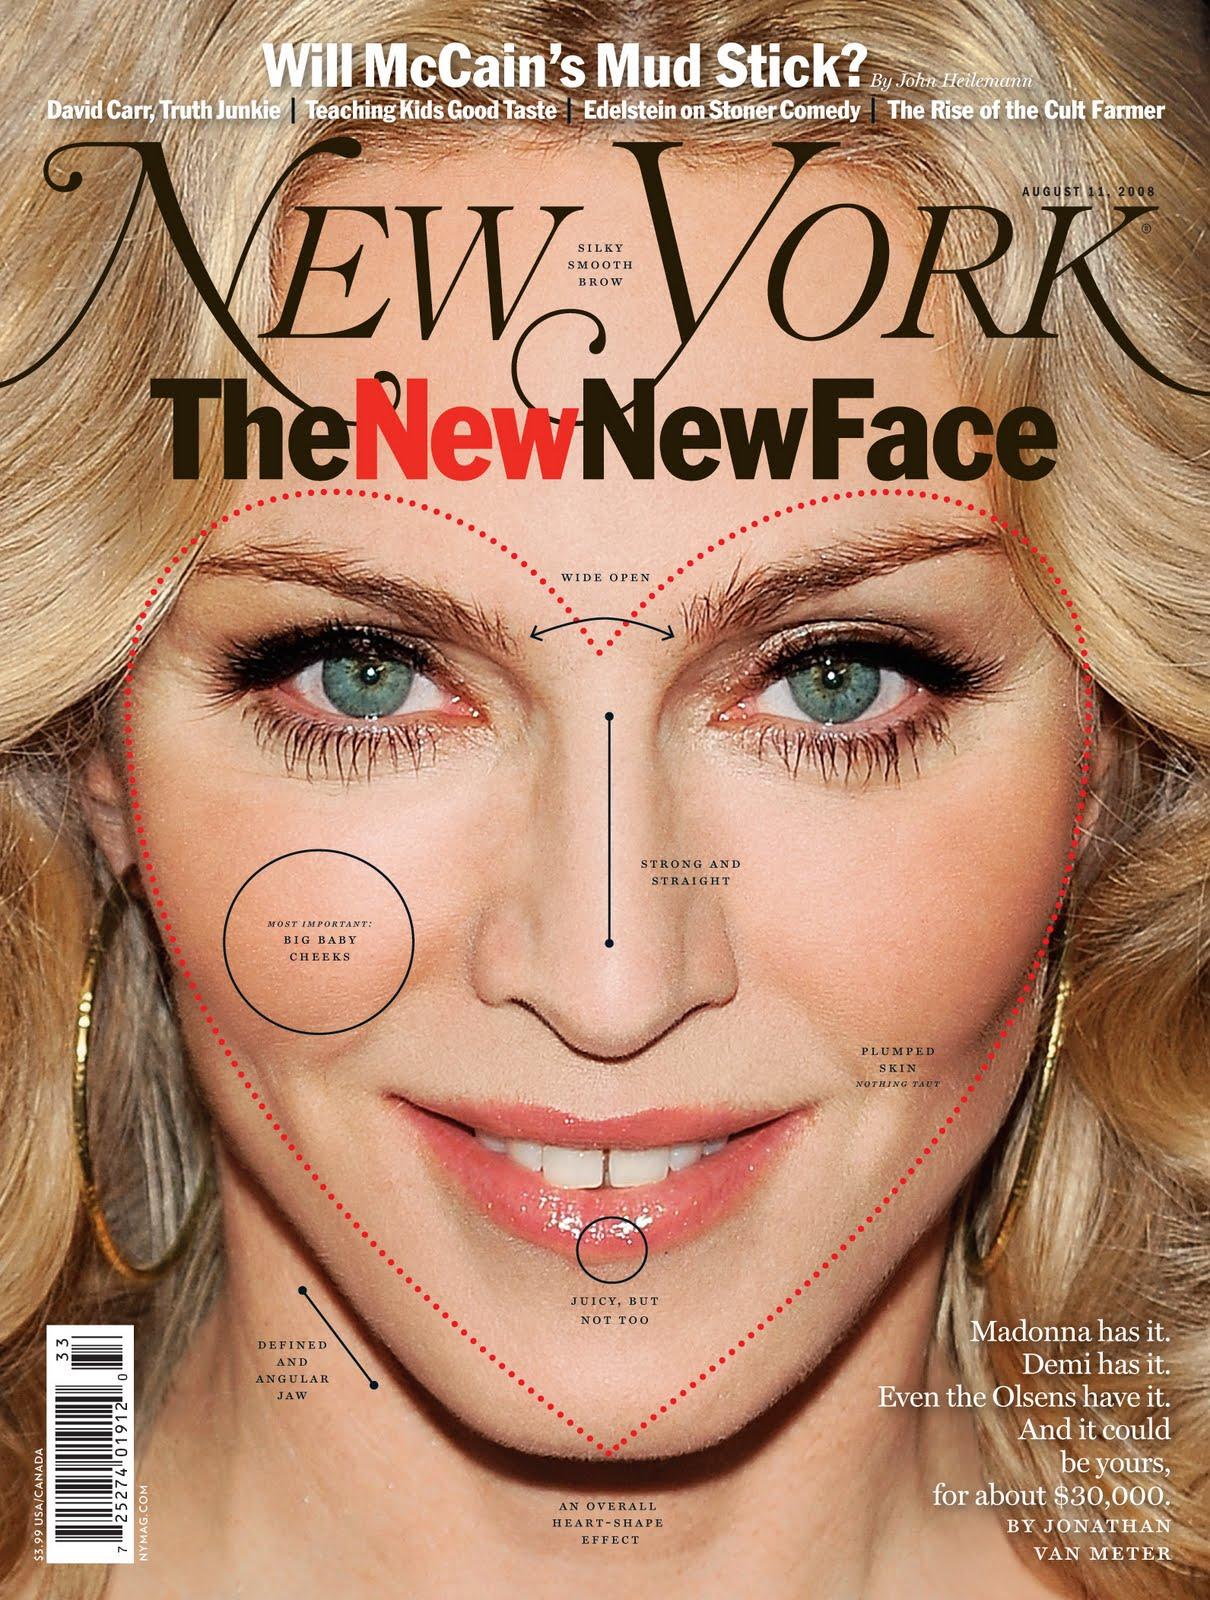 http://3.bp.blogspot.com/-ppRekRHPyYM/Tb7T1q0pn6I/AAAAAAAAB5Q/rJuwUfd8PtI/s1600/New-York-Magazine-Cover-Madonna.jpg